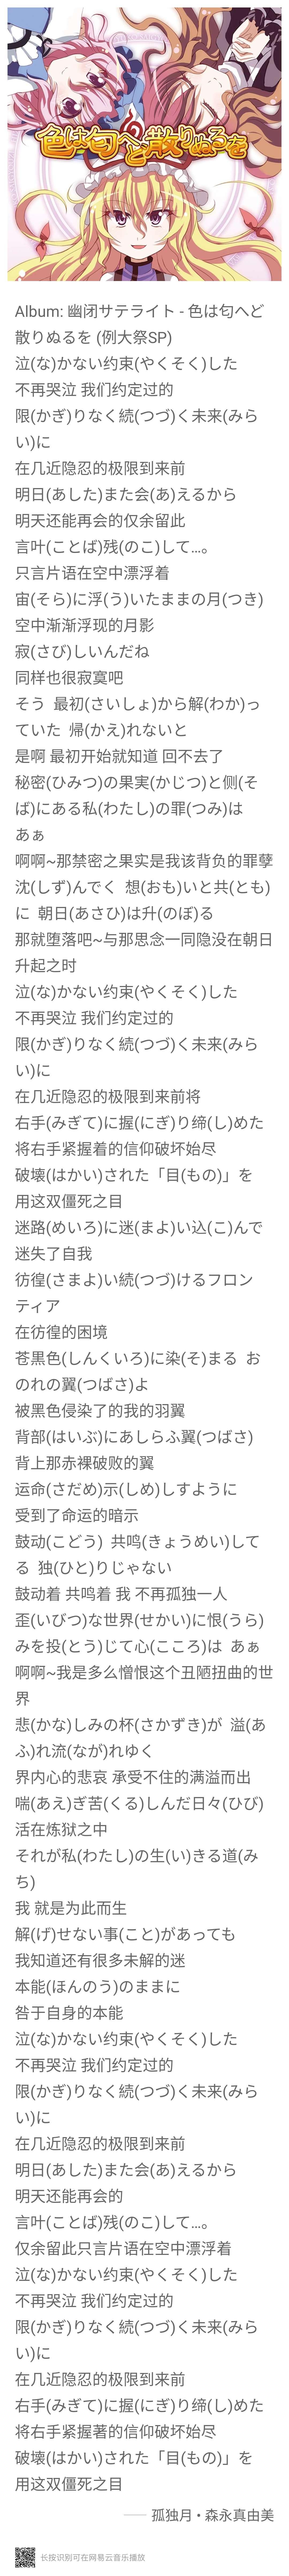 【音乐】孤独月 (kodoku duki)-小柚妹站